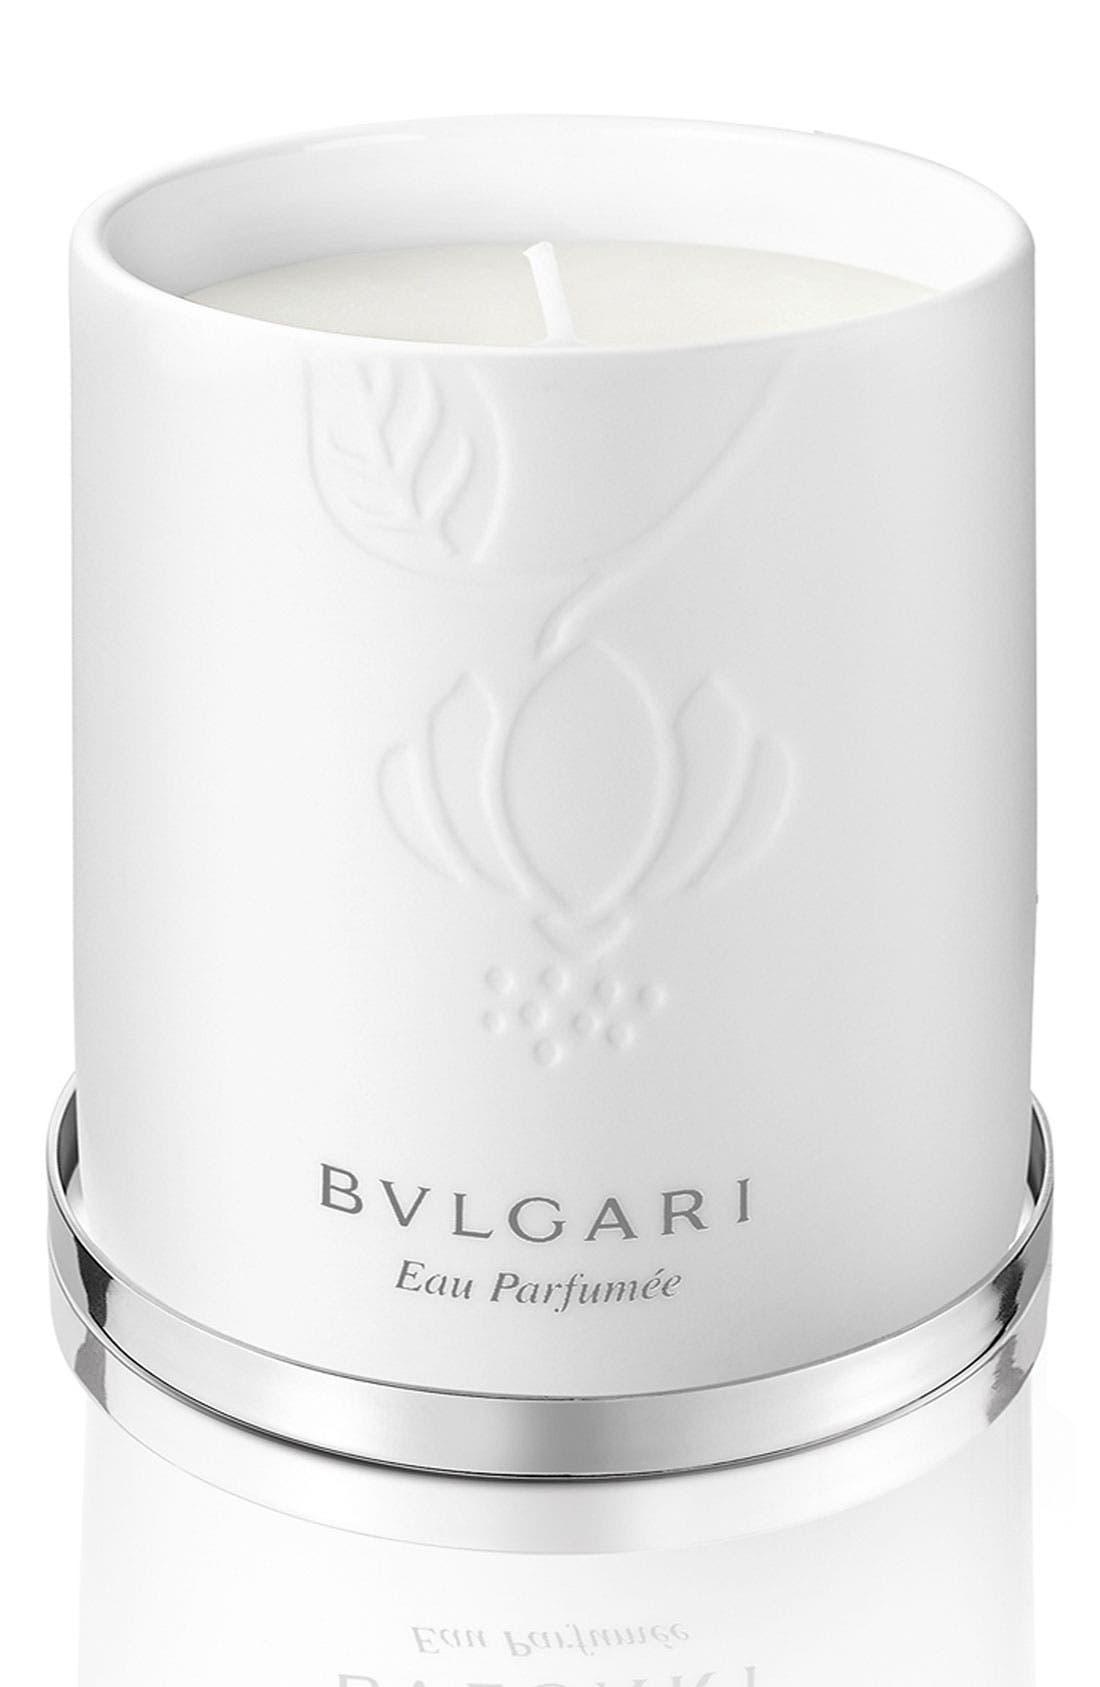 Alternate Image 1 Selected - BVLGARI 'Eau Parfumée au thé blanc' Candle